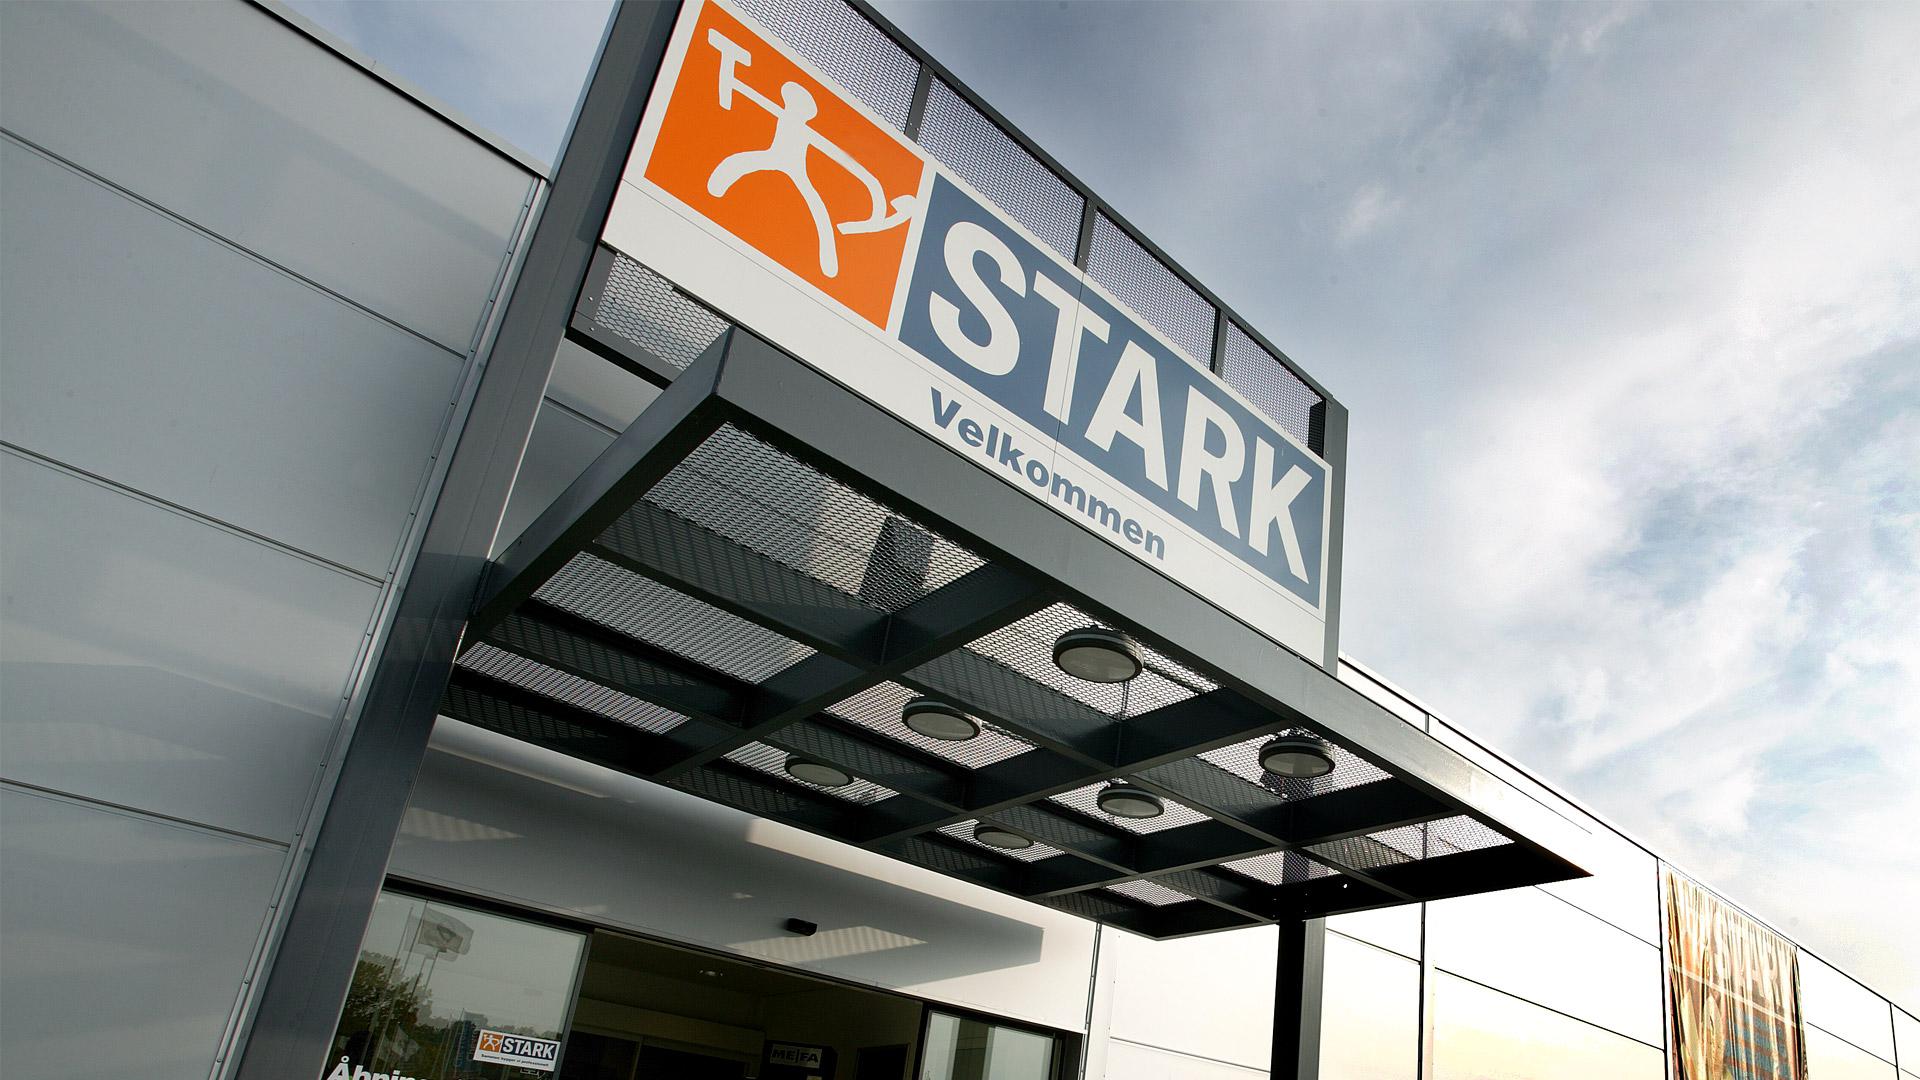 Opdateret Efter milliardopkøb: Stark-boss har mod på mere - Mester Tidende MF47